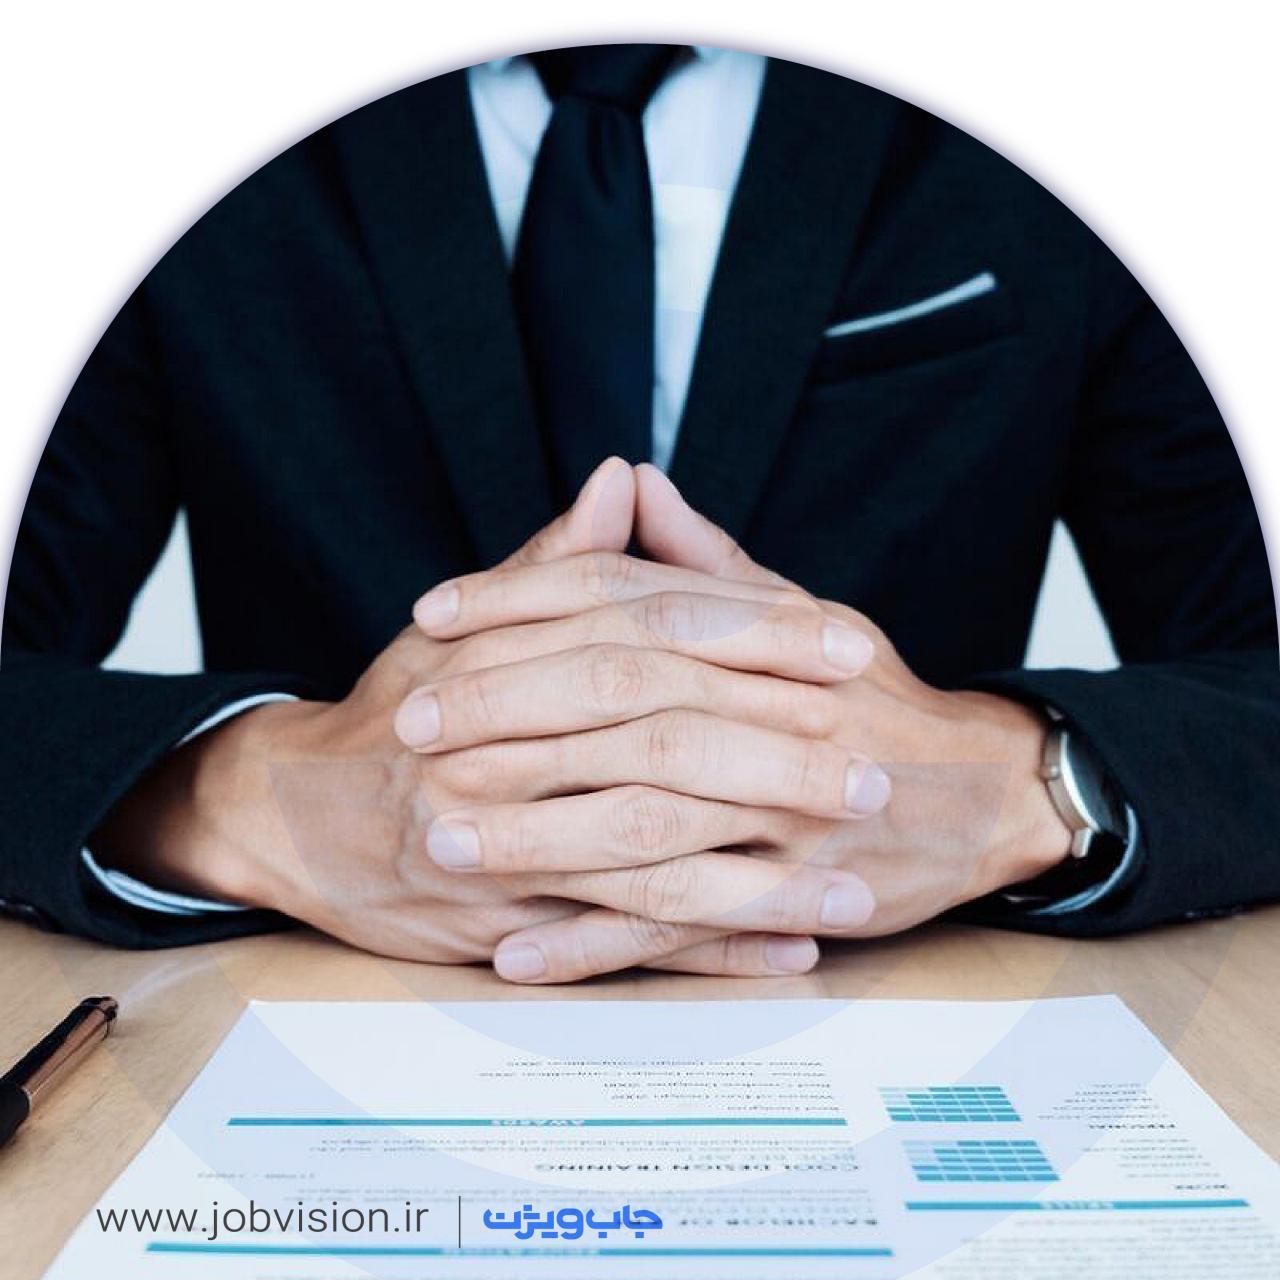 در جلسه مصاحبه شغلی چگونه ظاهر شویم؟